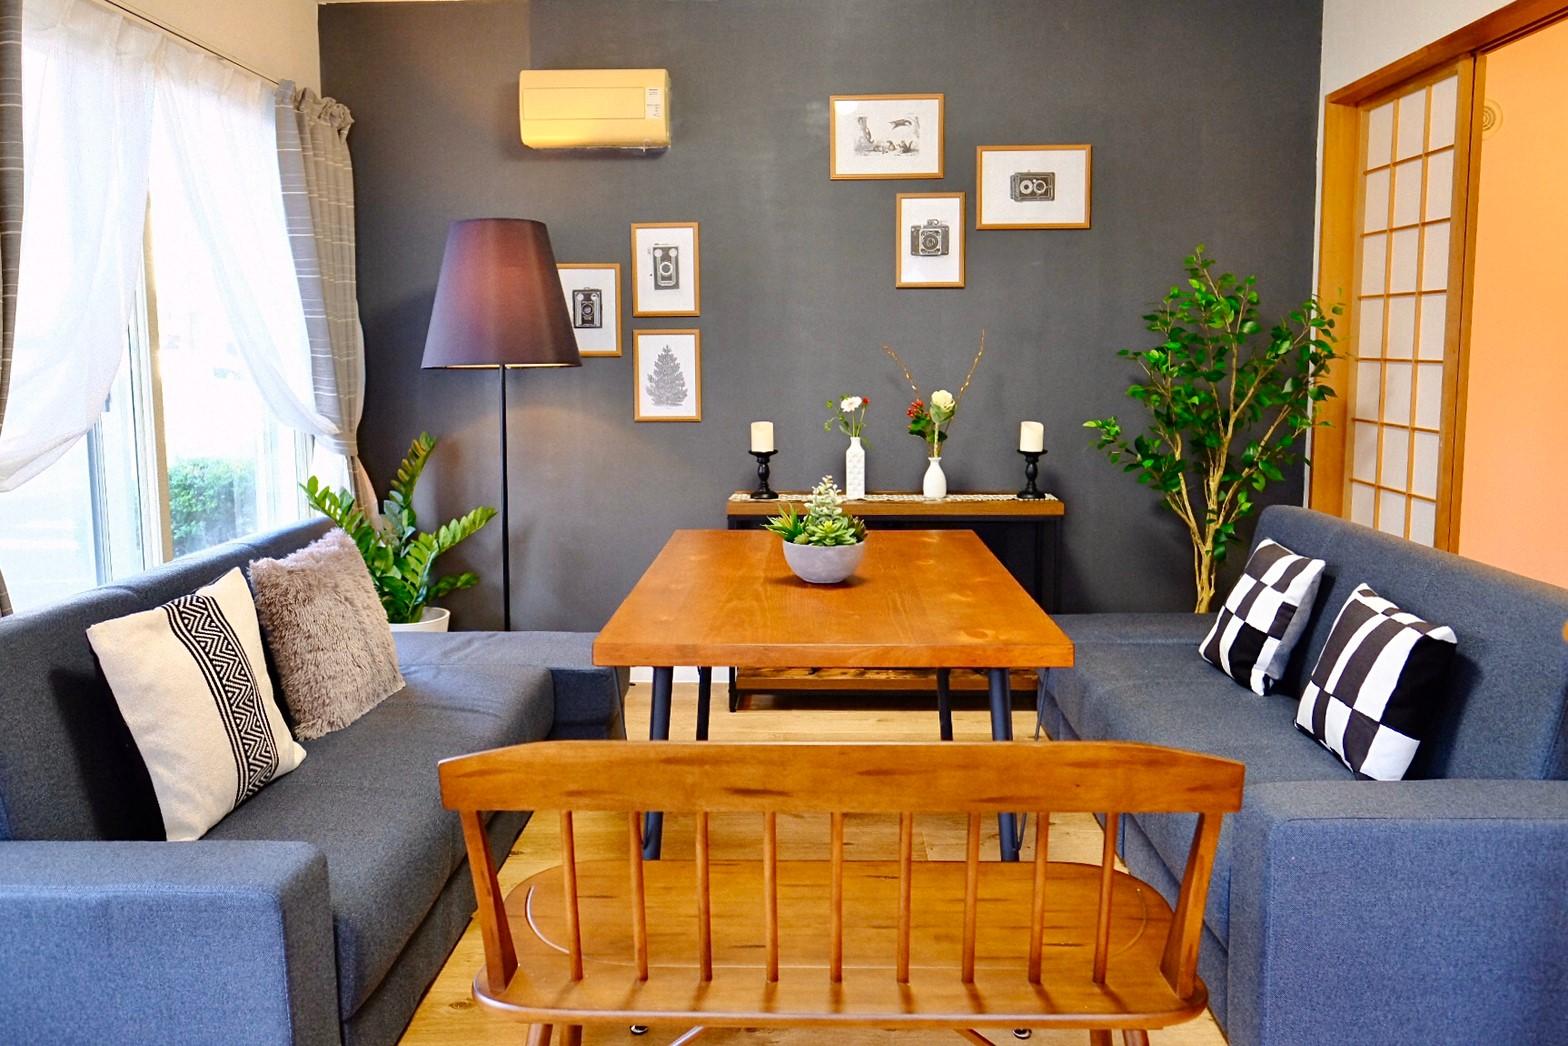 大きな机と快適に仕事ができるソファーがあります。机は少し高めなのでPC作業に最適 - レスト52 101 1Fサロンスペースの室内の写真